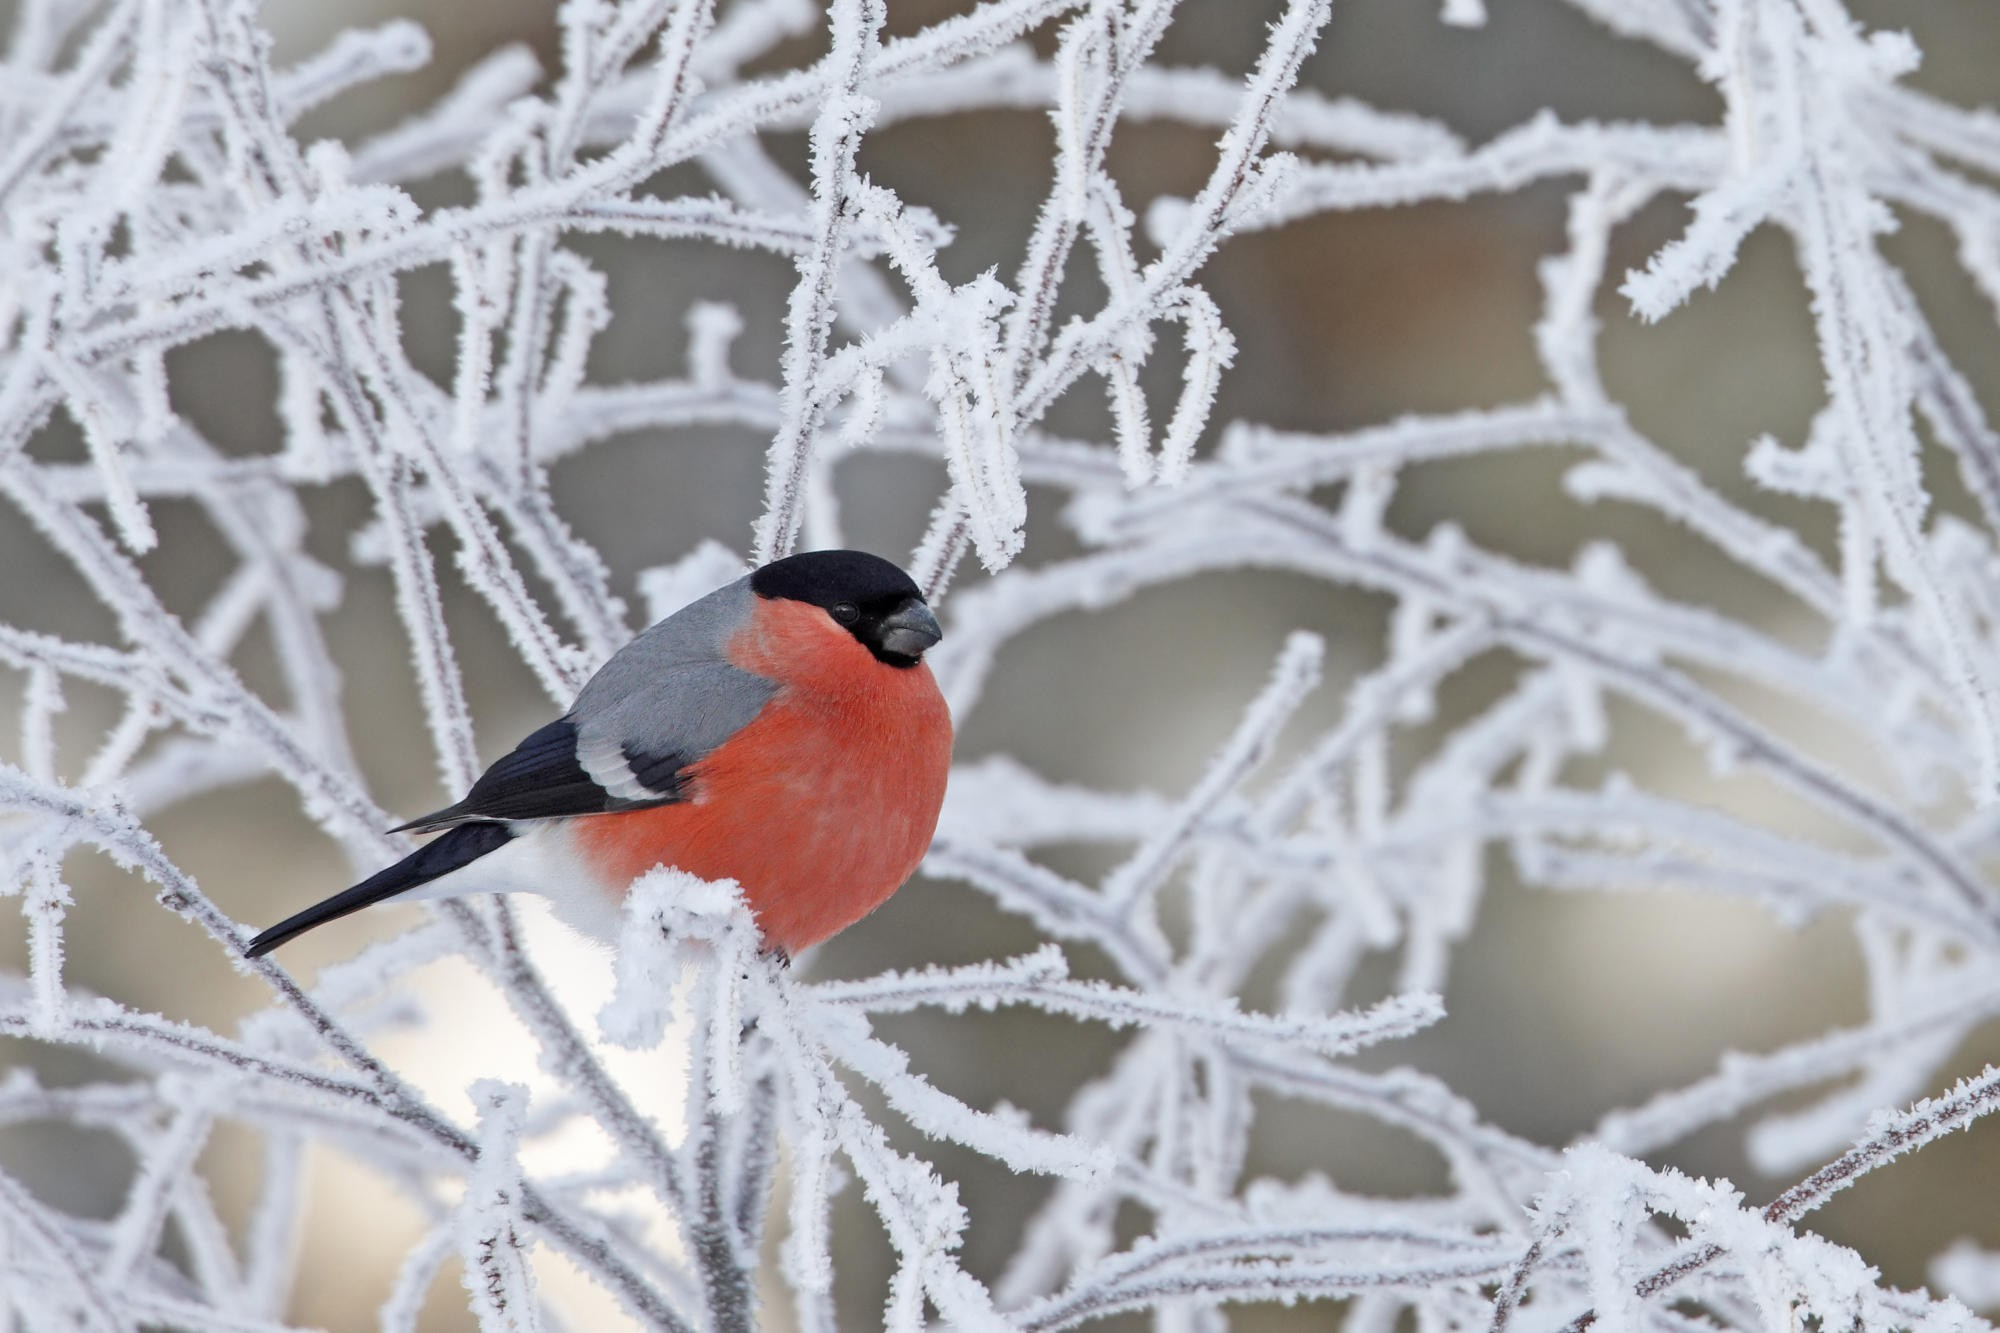 Картинка: Снегирь, иней, веточки, зима